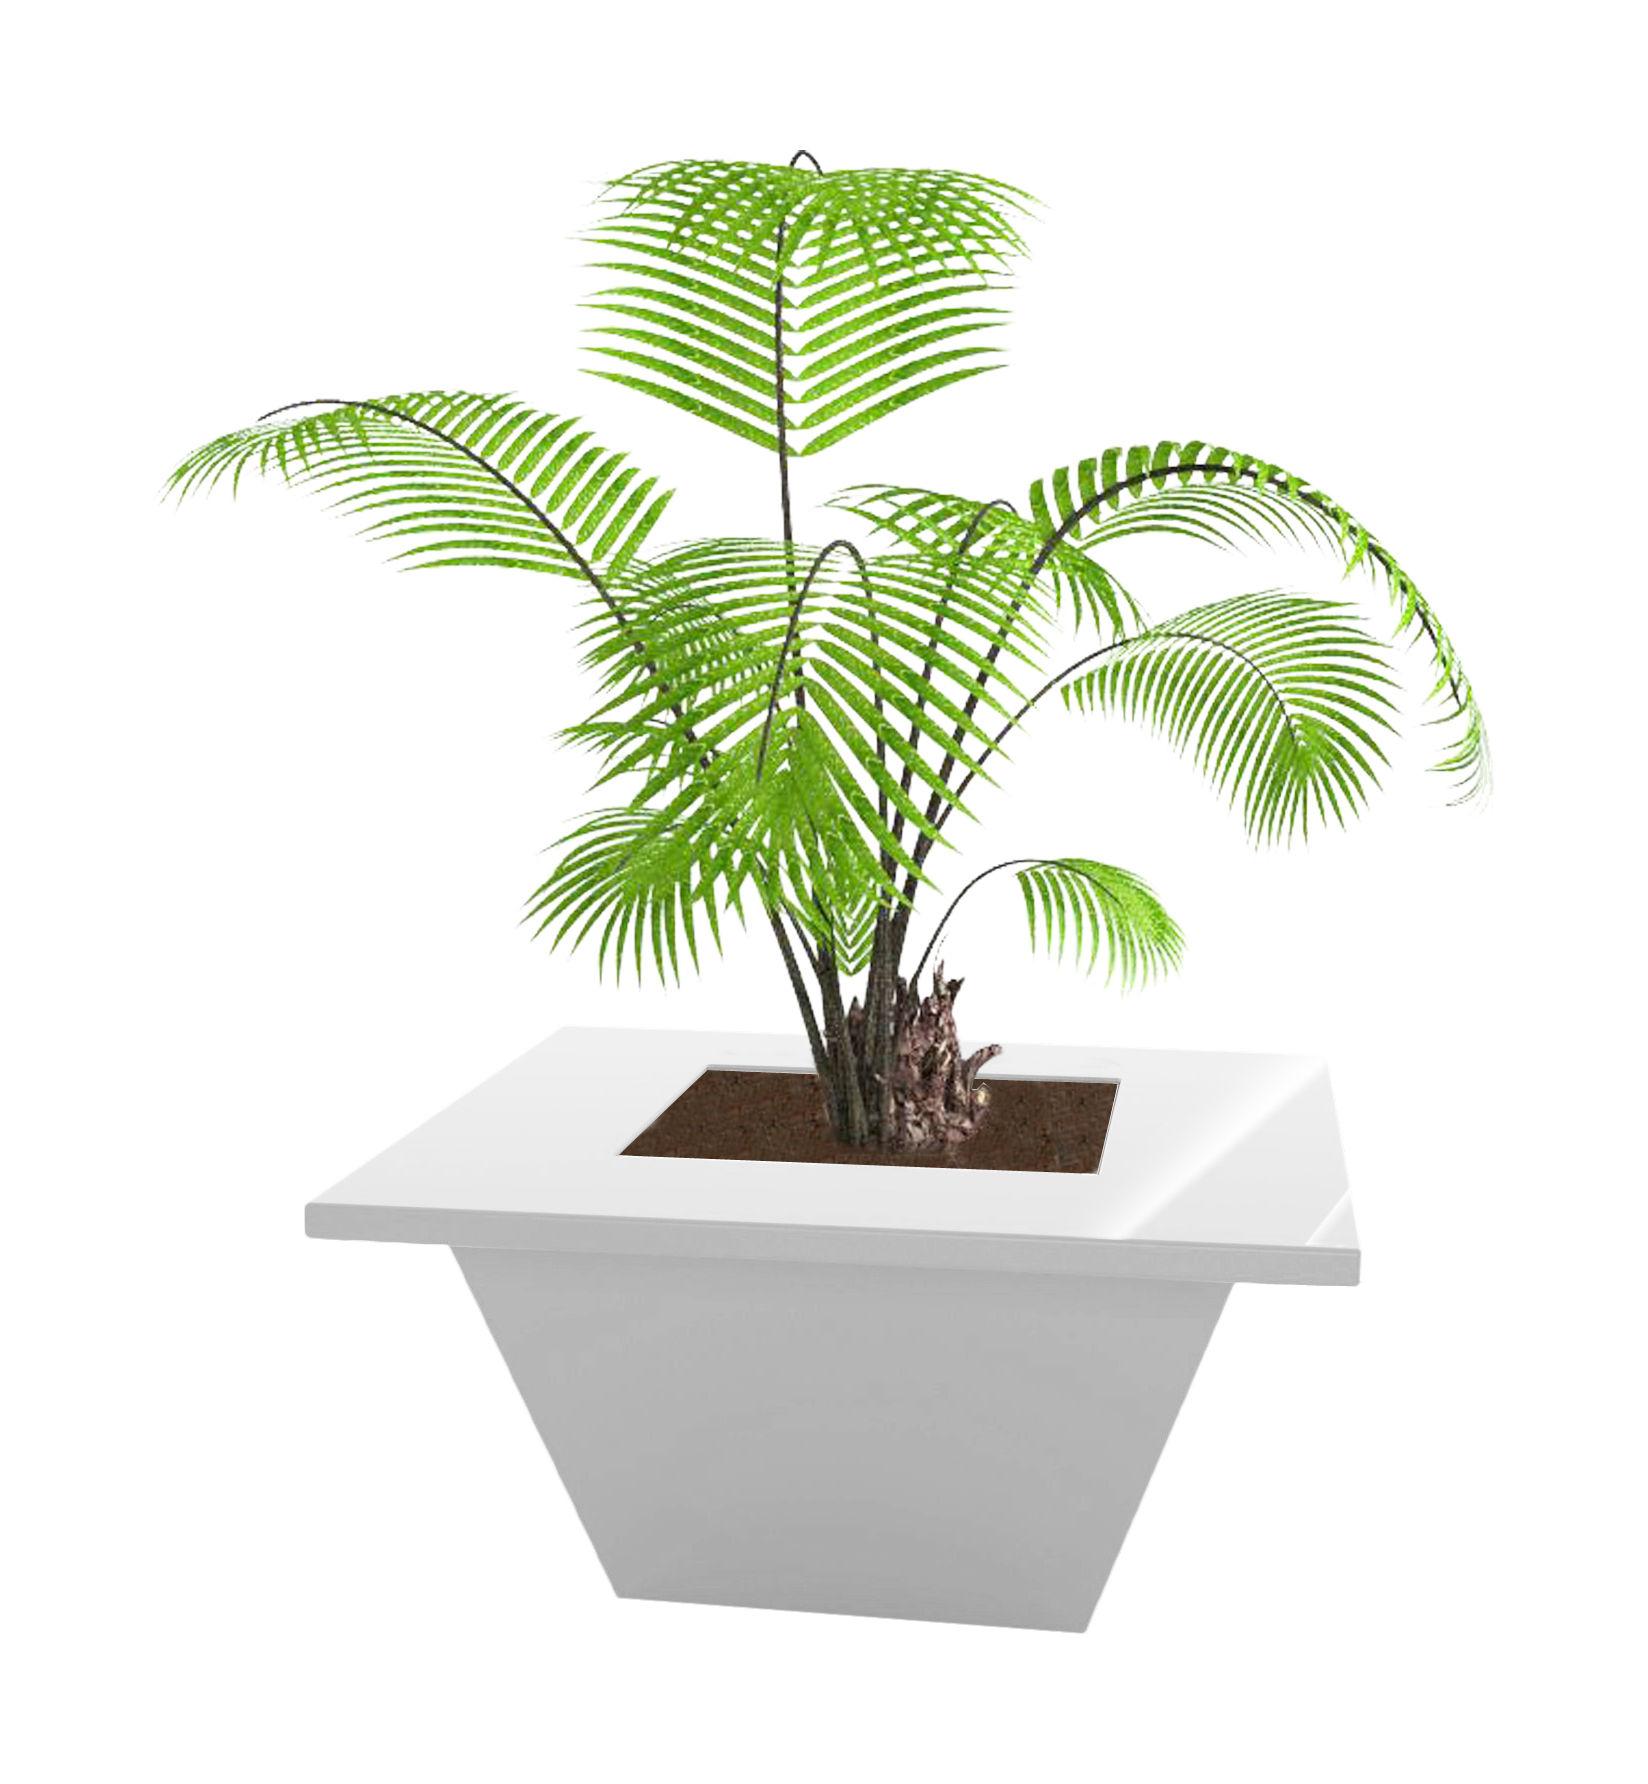 Outdoor - Vasi e Piante - Vaso per fiori Bench - 80 x 80 cm - Versione laccata di Slide - Bianco laccato - Polietilene laccato